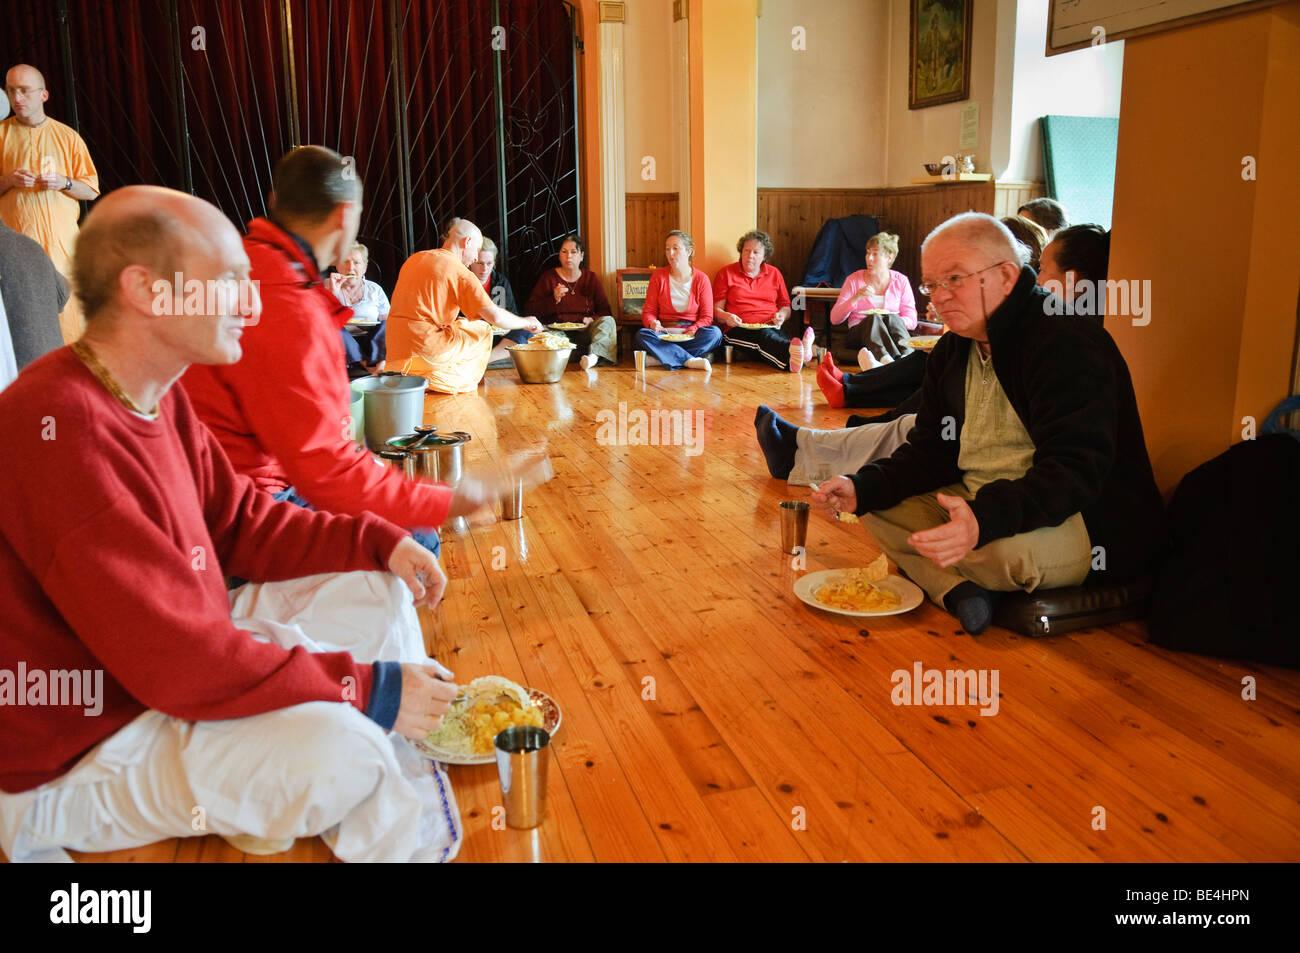 Hare Krishna ISKCON disciples et les visiteurs manger un festin végétarien dans une chambre du temple Banque D'Images